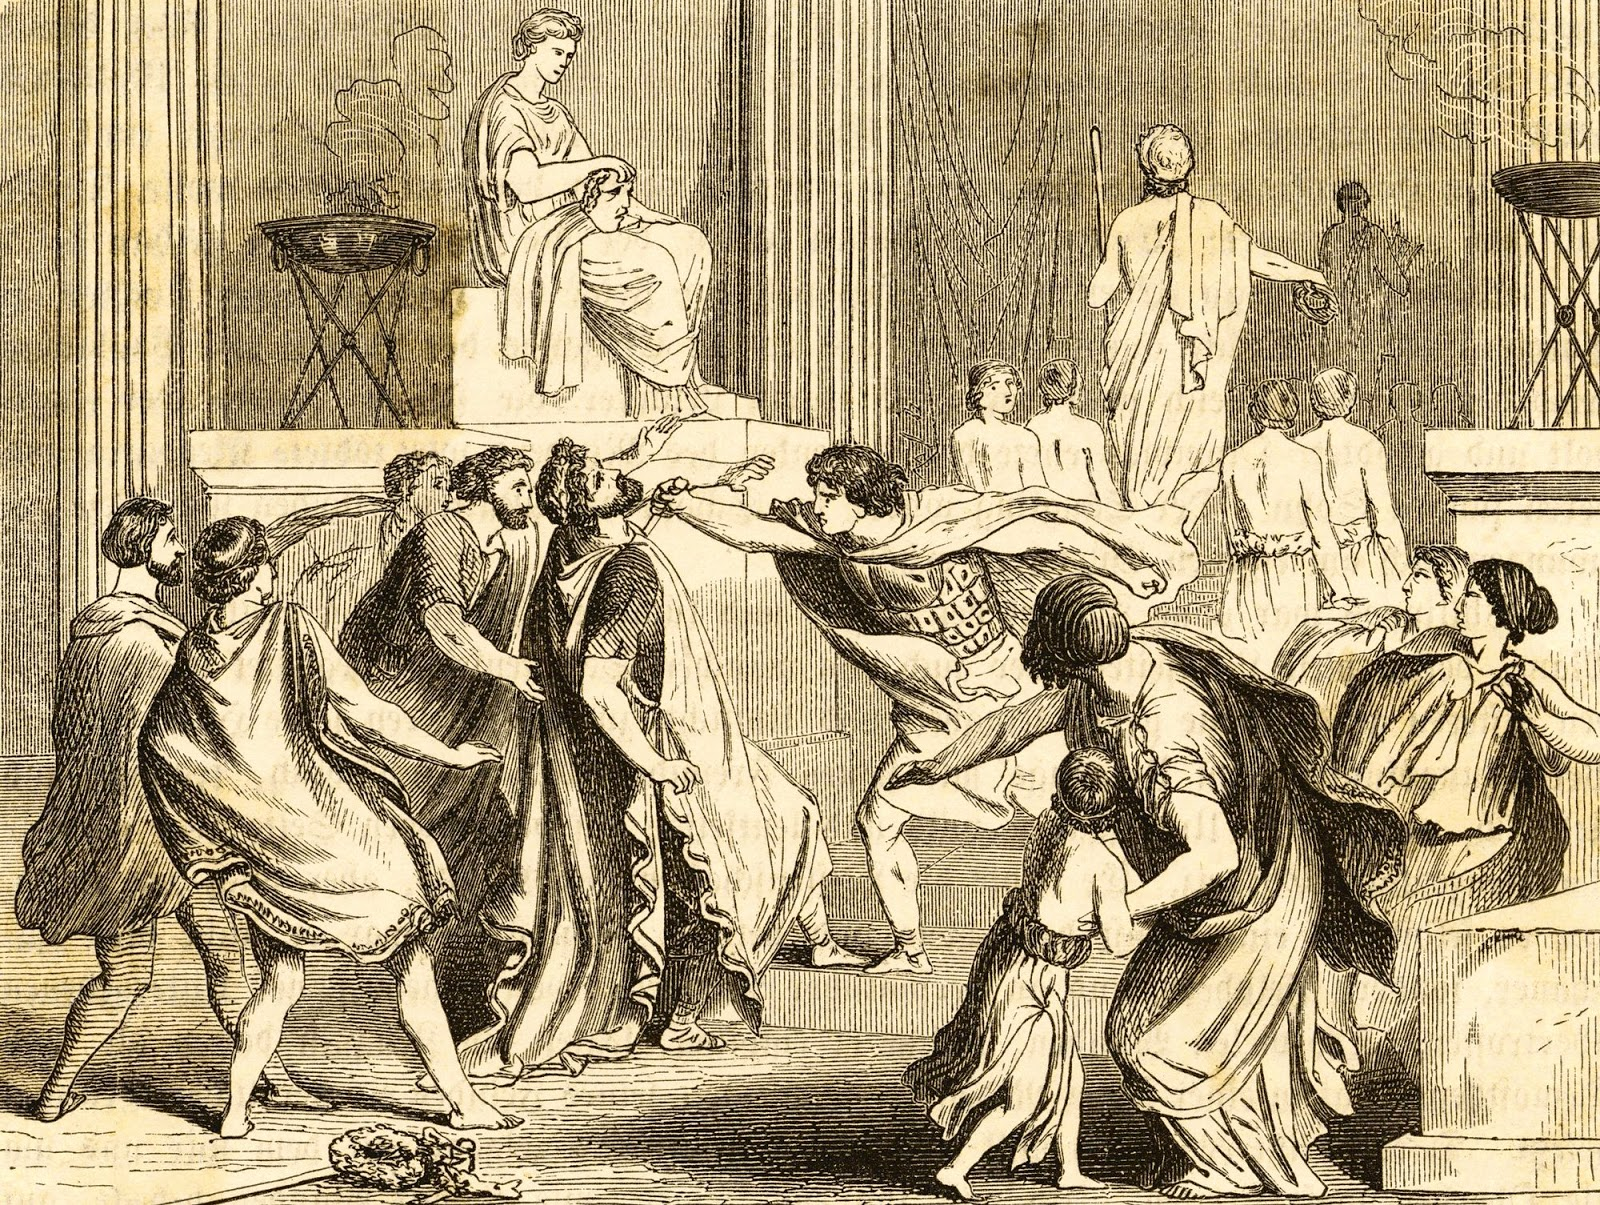 Este grabado recrea el asesinato de Filipo por Pausanias, uno de sus guardaespaldas, durante la boda de su hija Cleopatra con el rey de Epiro. Algunos vieron tras el crimen la mano de su esposa Olimpia e incluso de su hijo Alejandr